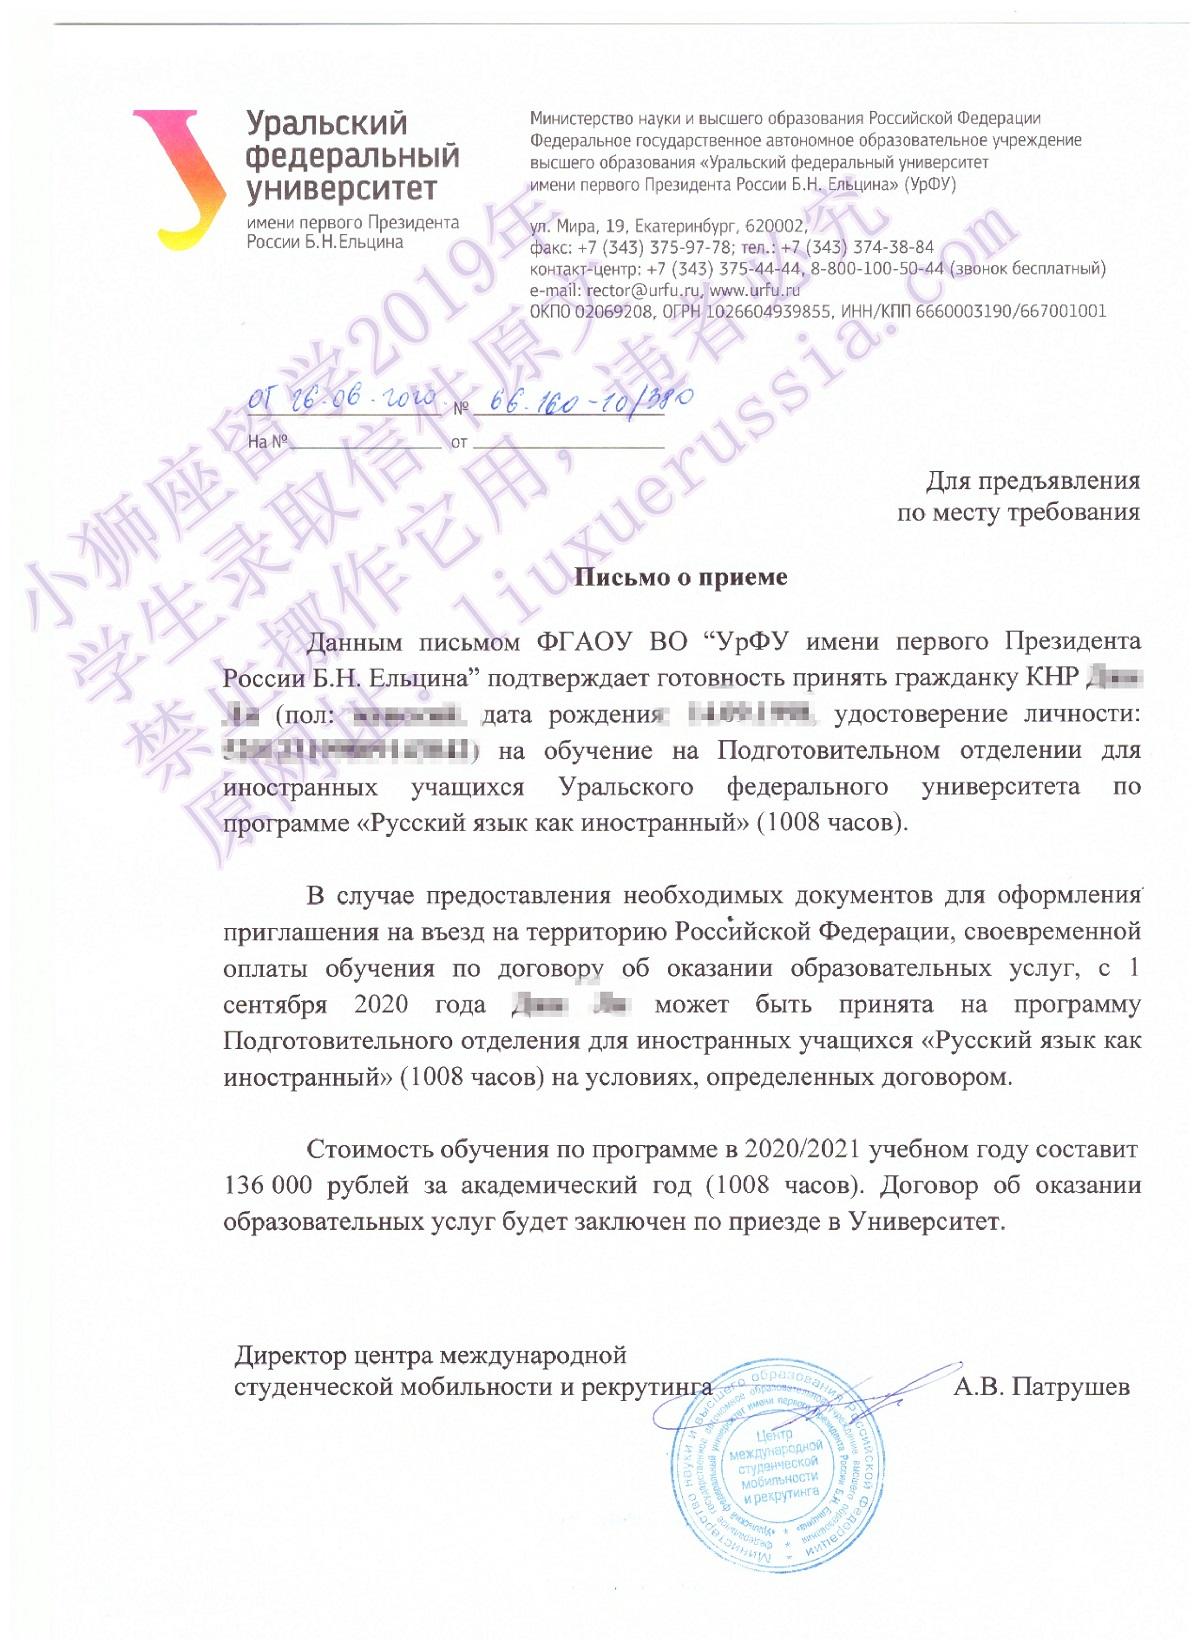 乌拉尔联邦大学开具的真实学生入证明,用于申请学生的出国留学护照